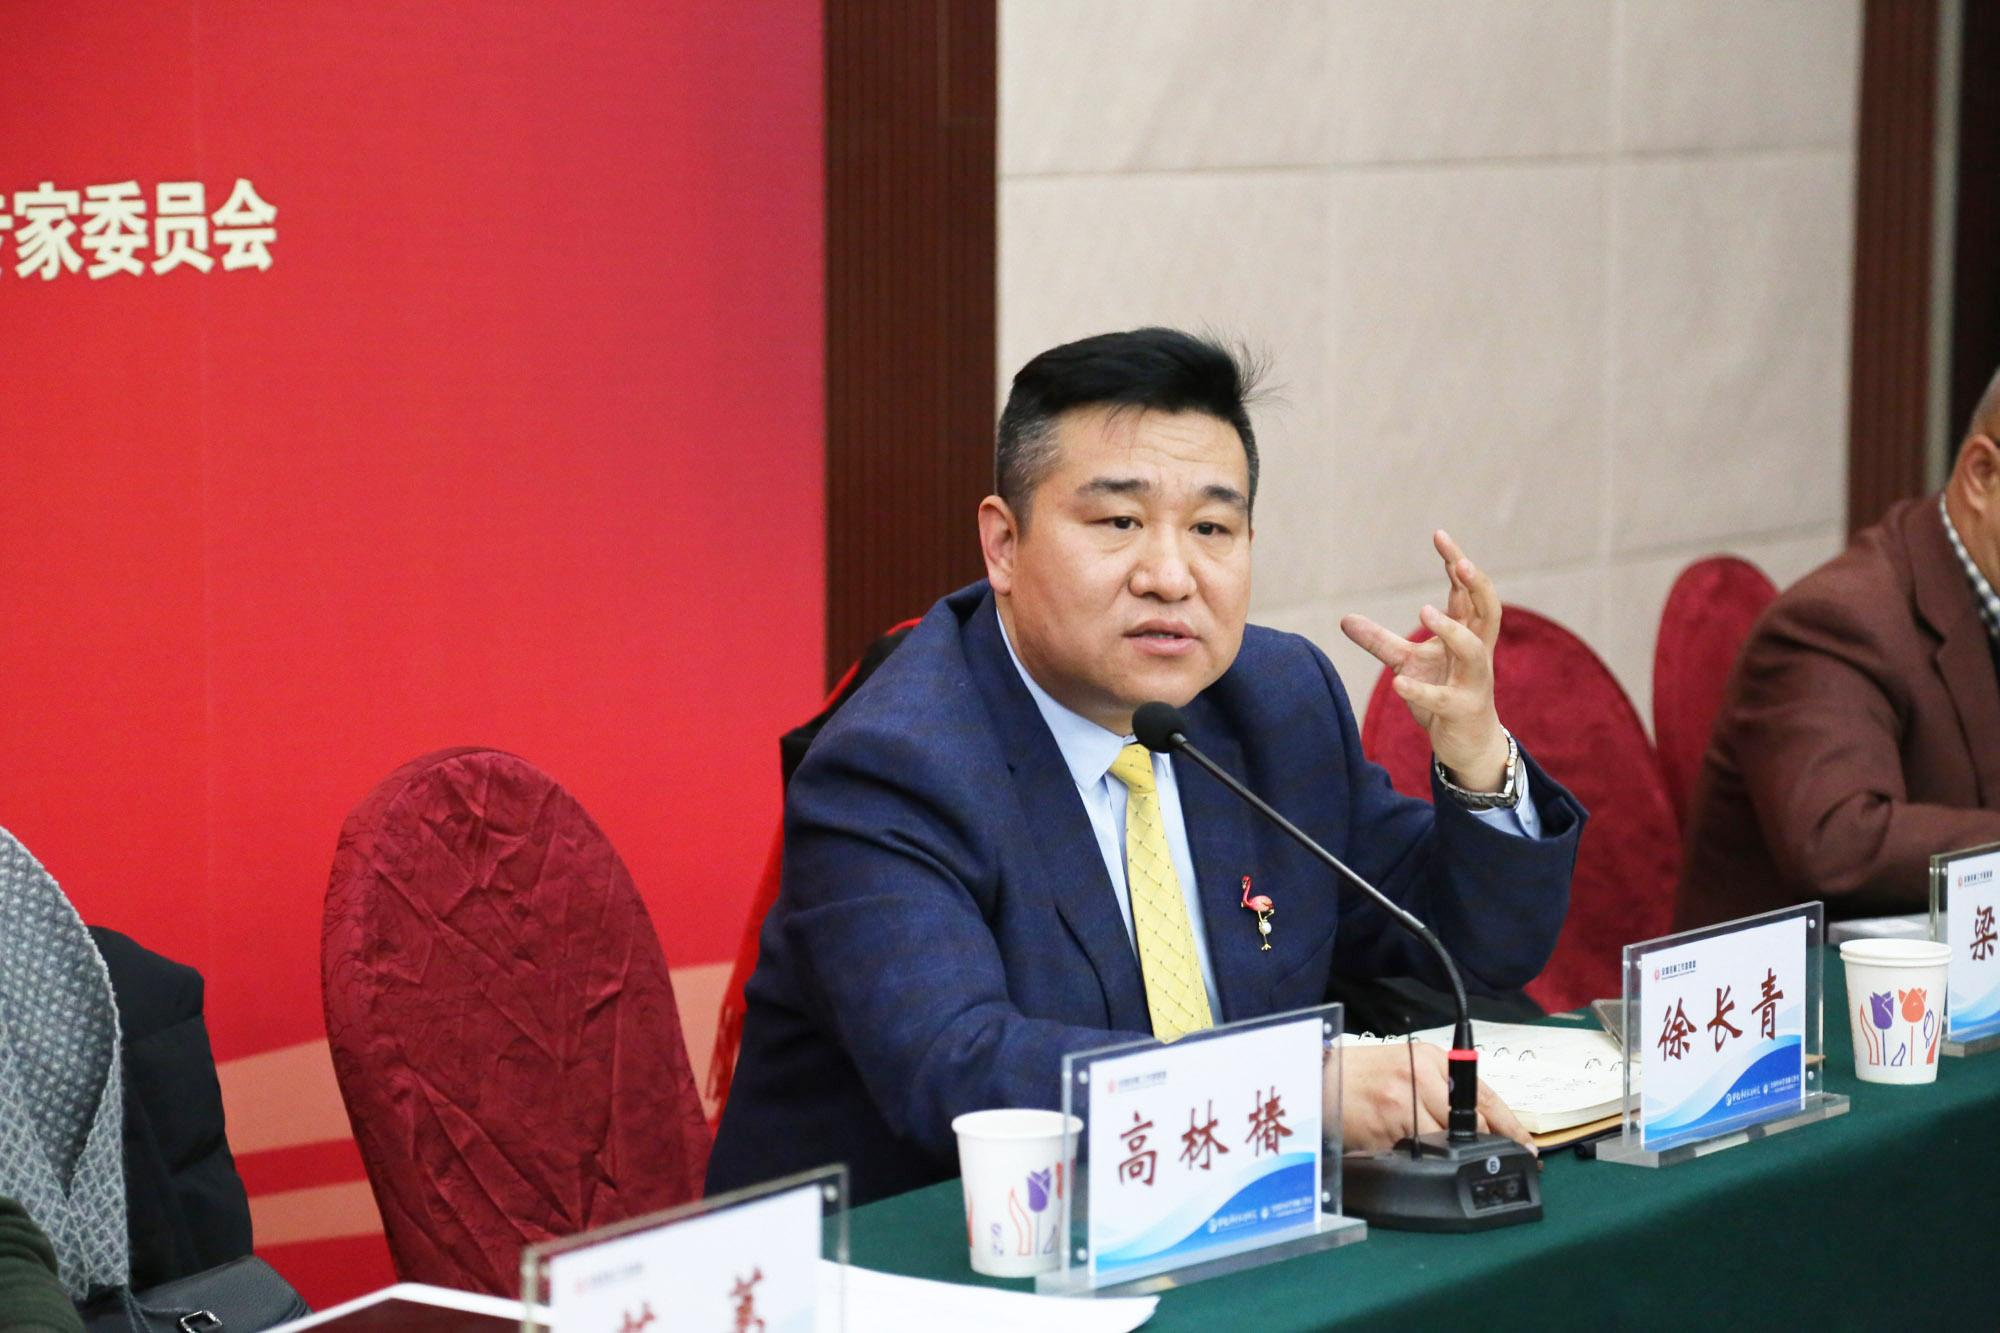 常务副理事长徐长青在会议上作主旨发言。